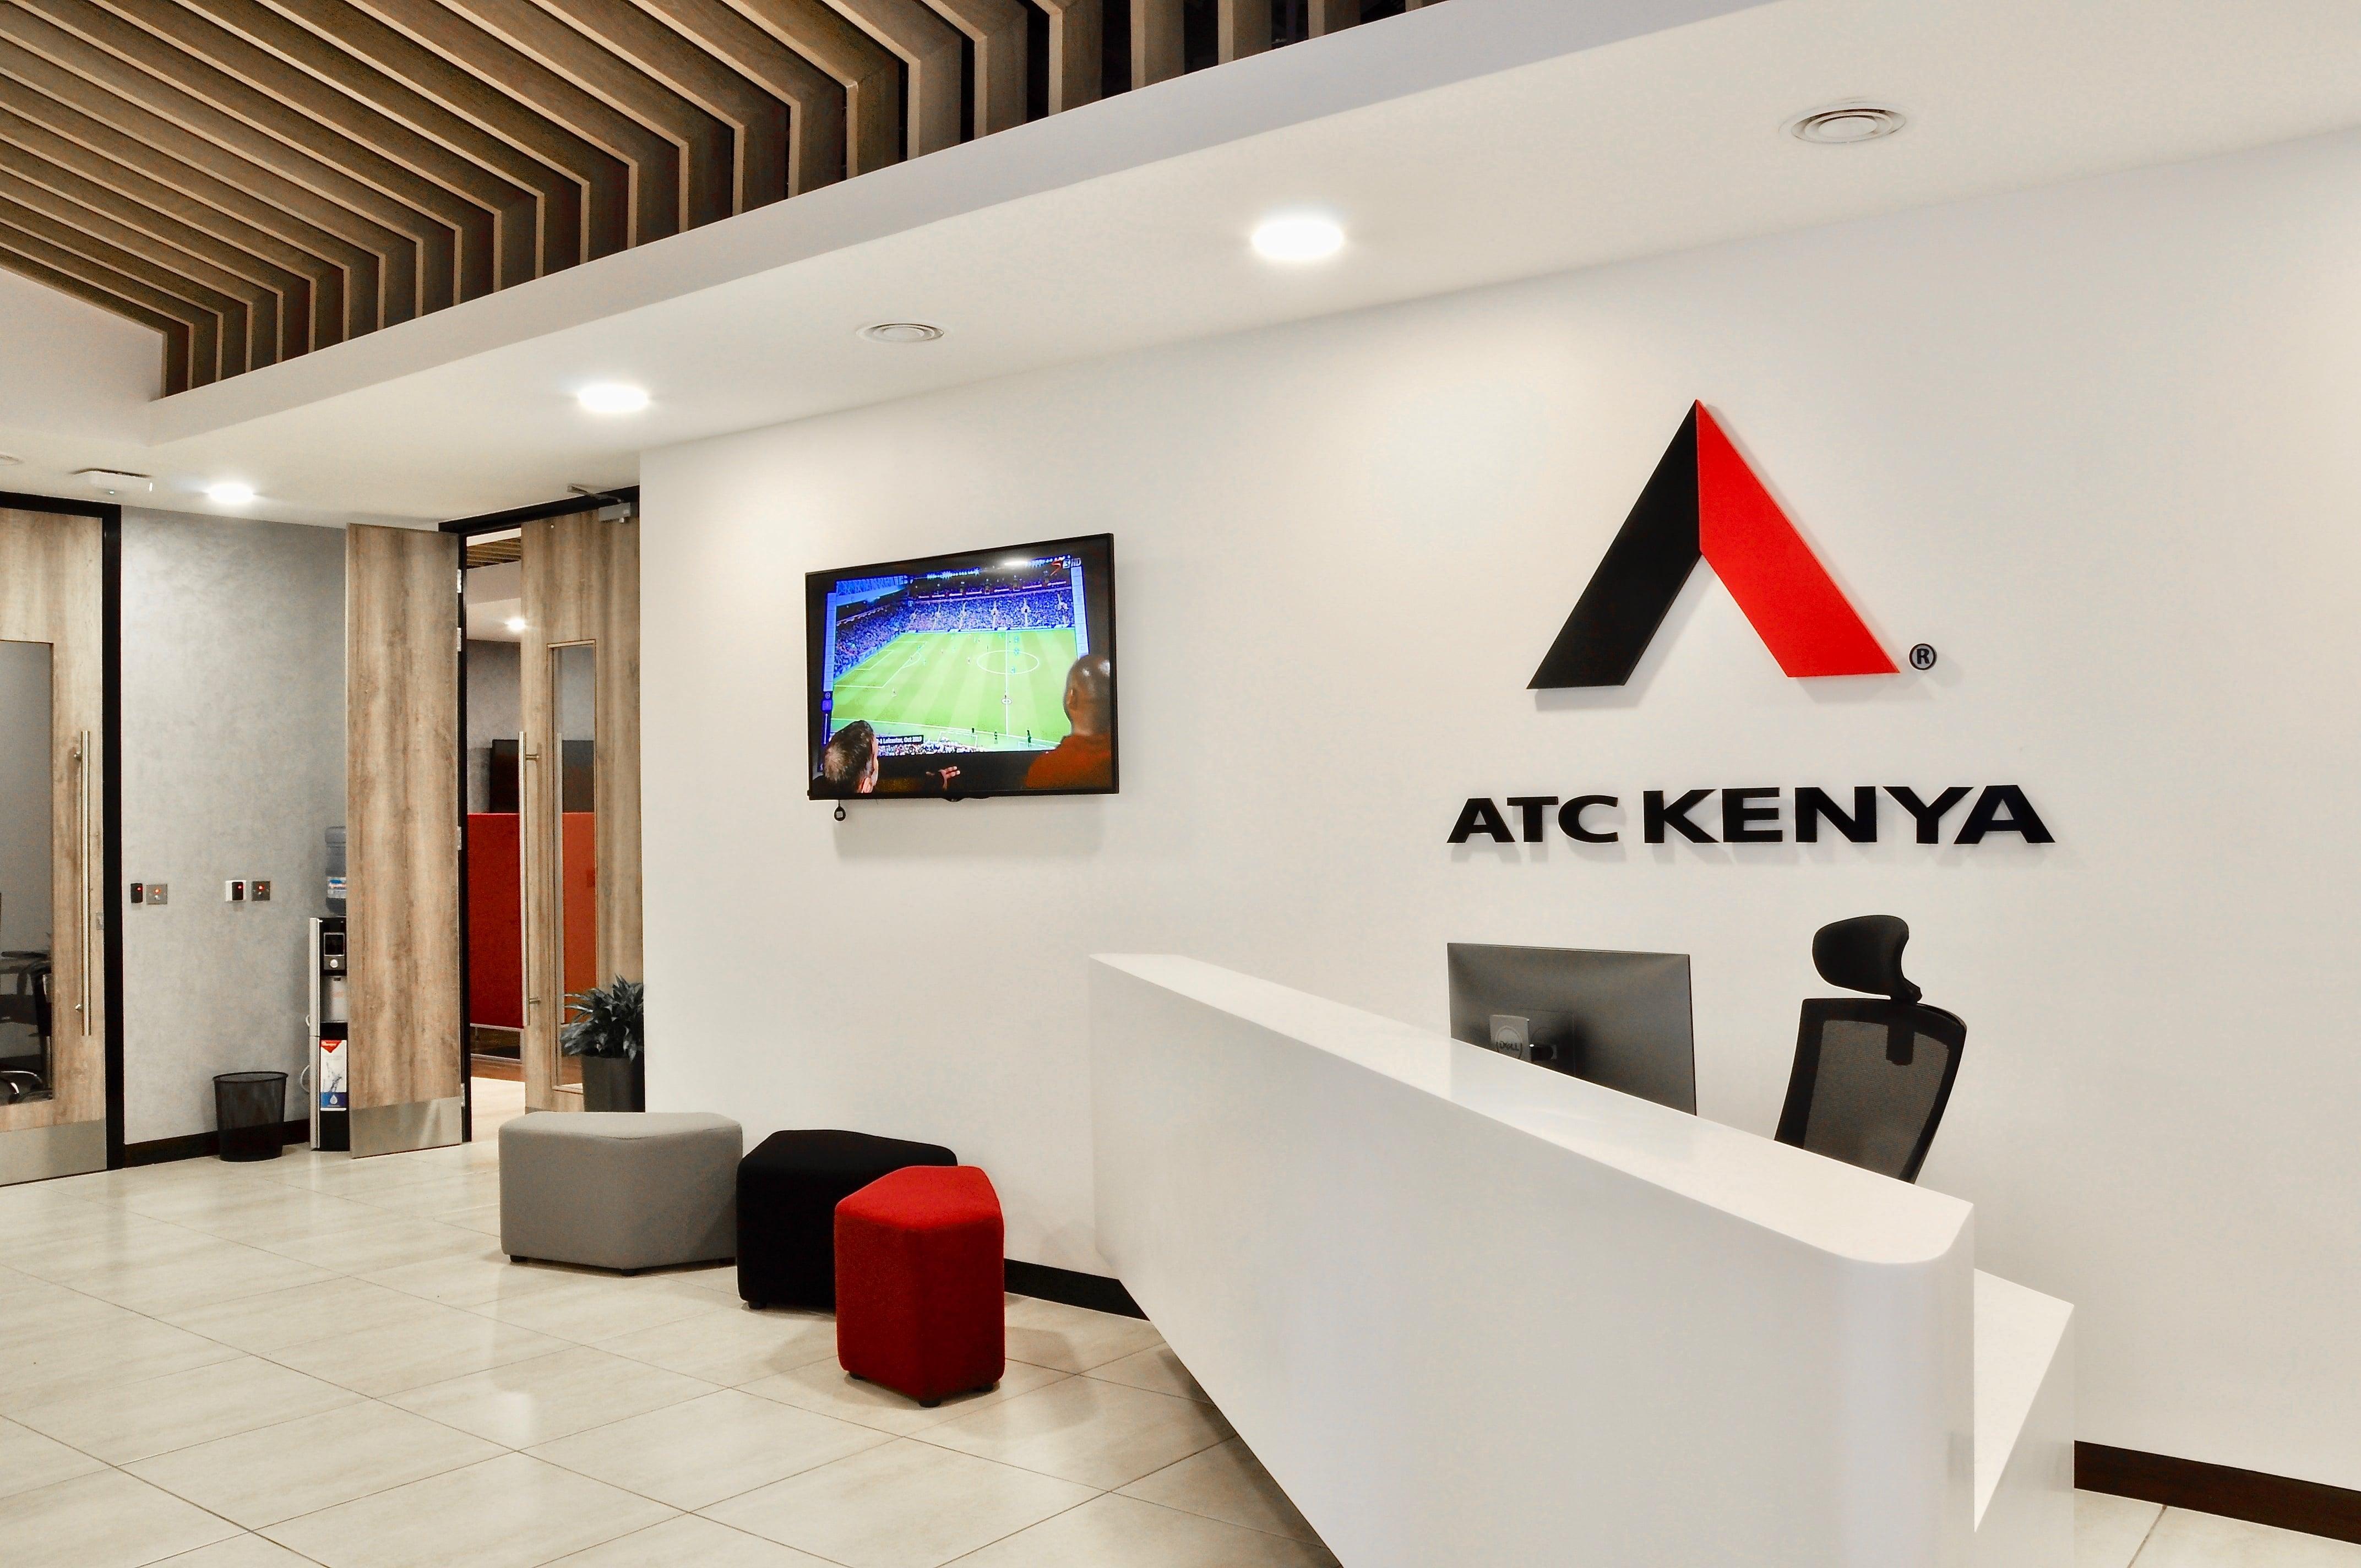 ACT Kenya